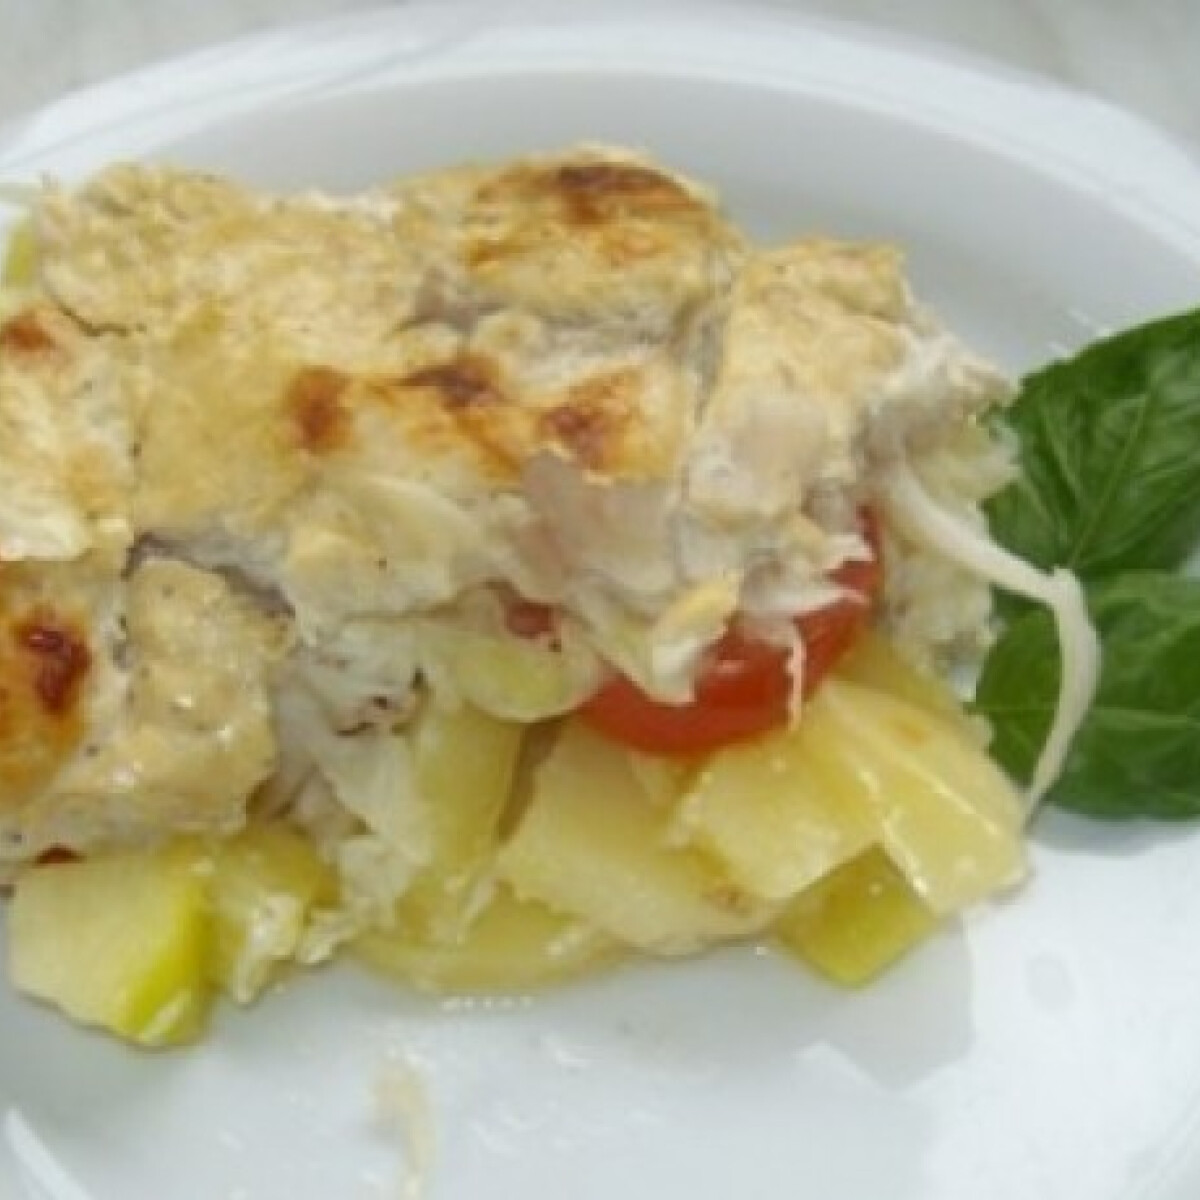 Ezen a képen: Halfilé krumplival és zöldséggel